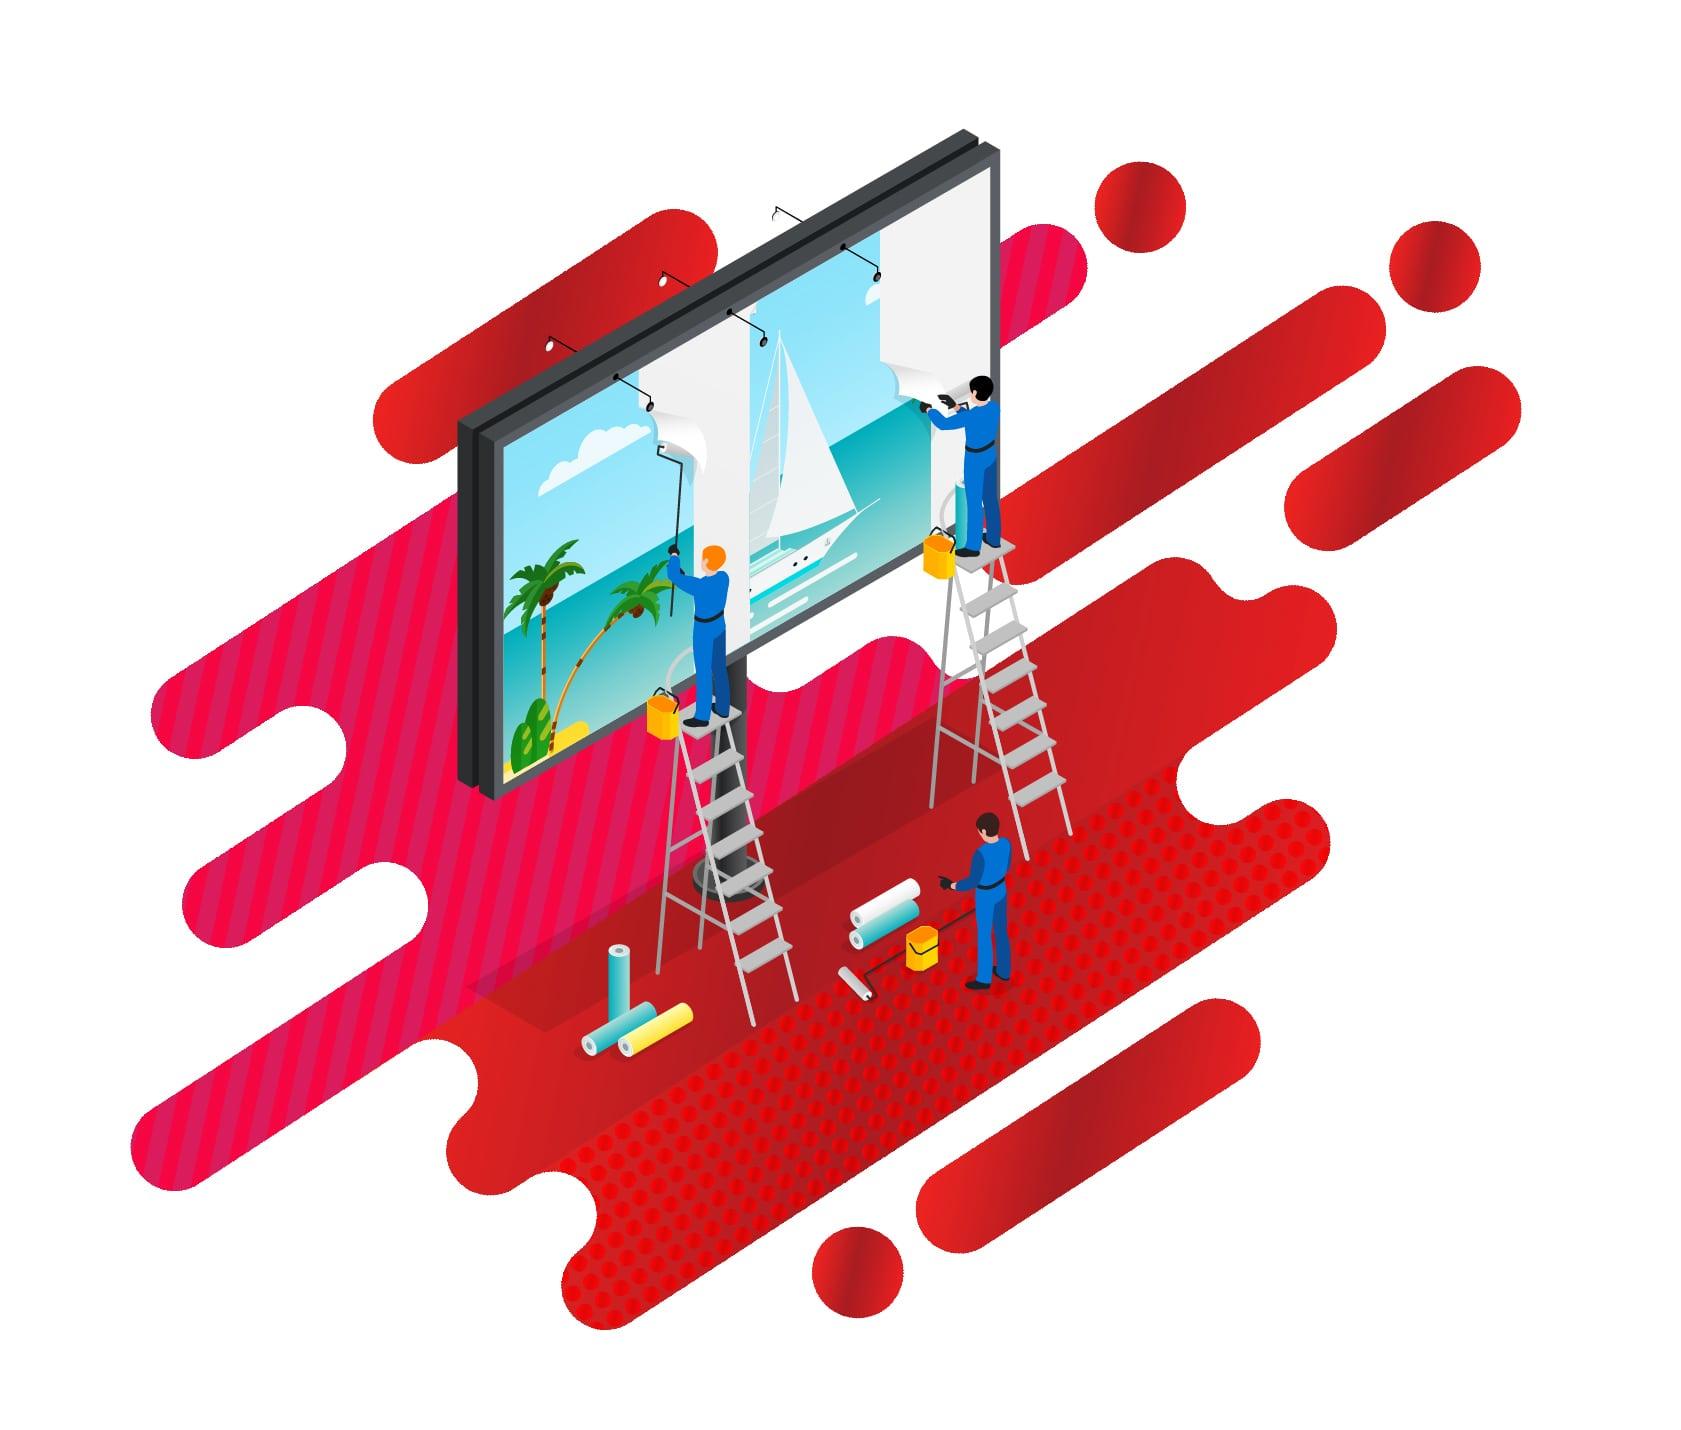 DKAmedia Agencja Reklamowa - Oferta Reklama